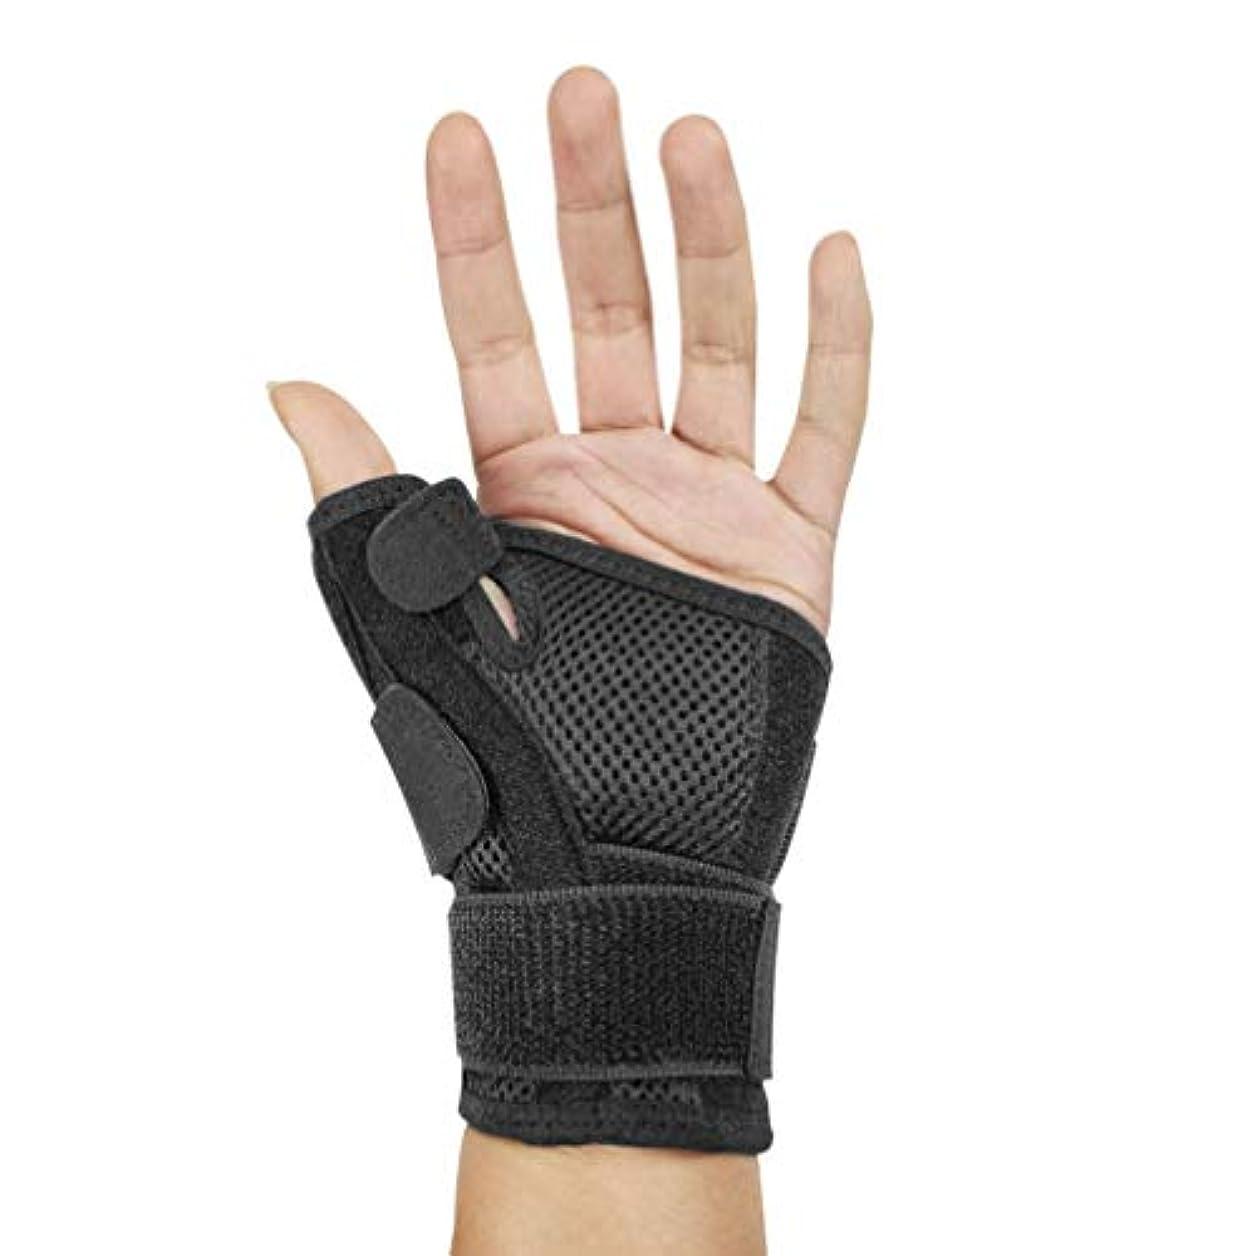 石鹸側溝見捨てられたHealifty 手首用サポーター 手首固定 調節可能 スポーツ 手首サポート 女性 男性